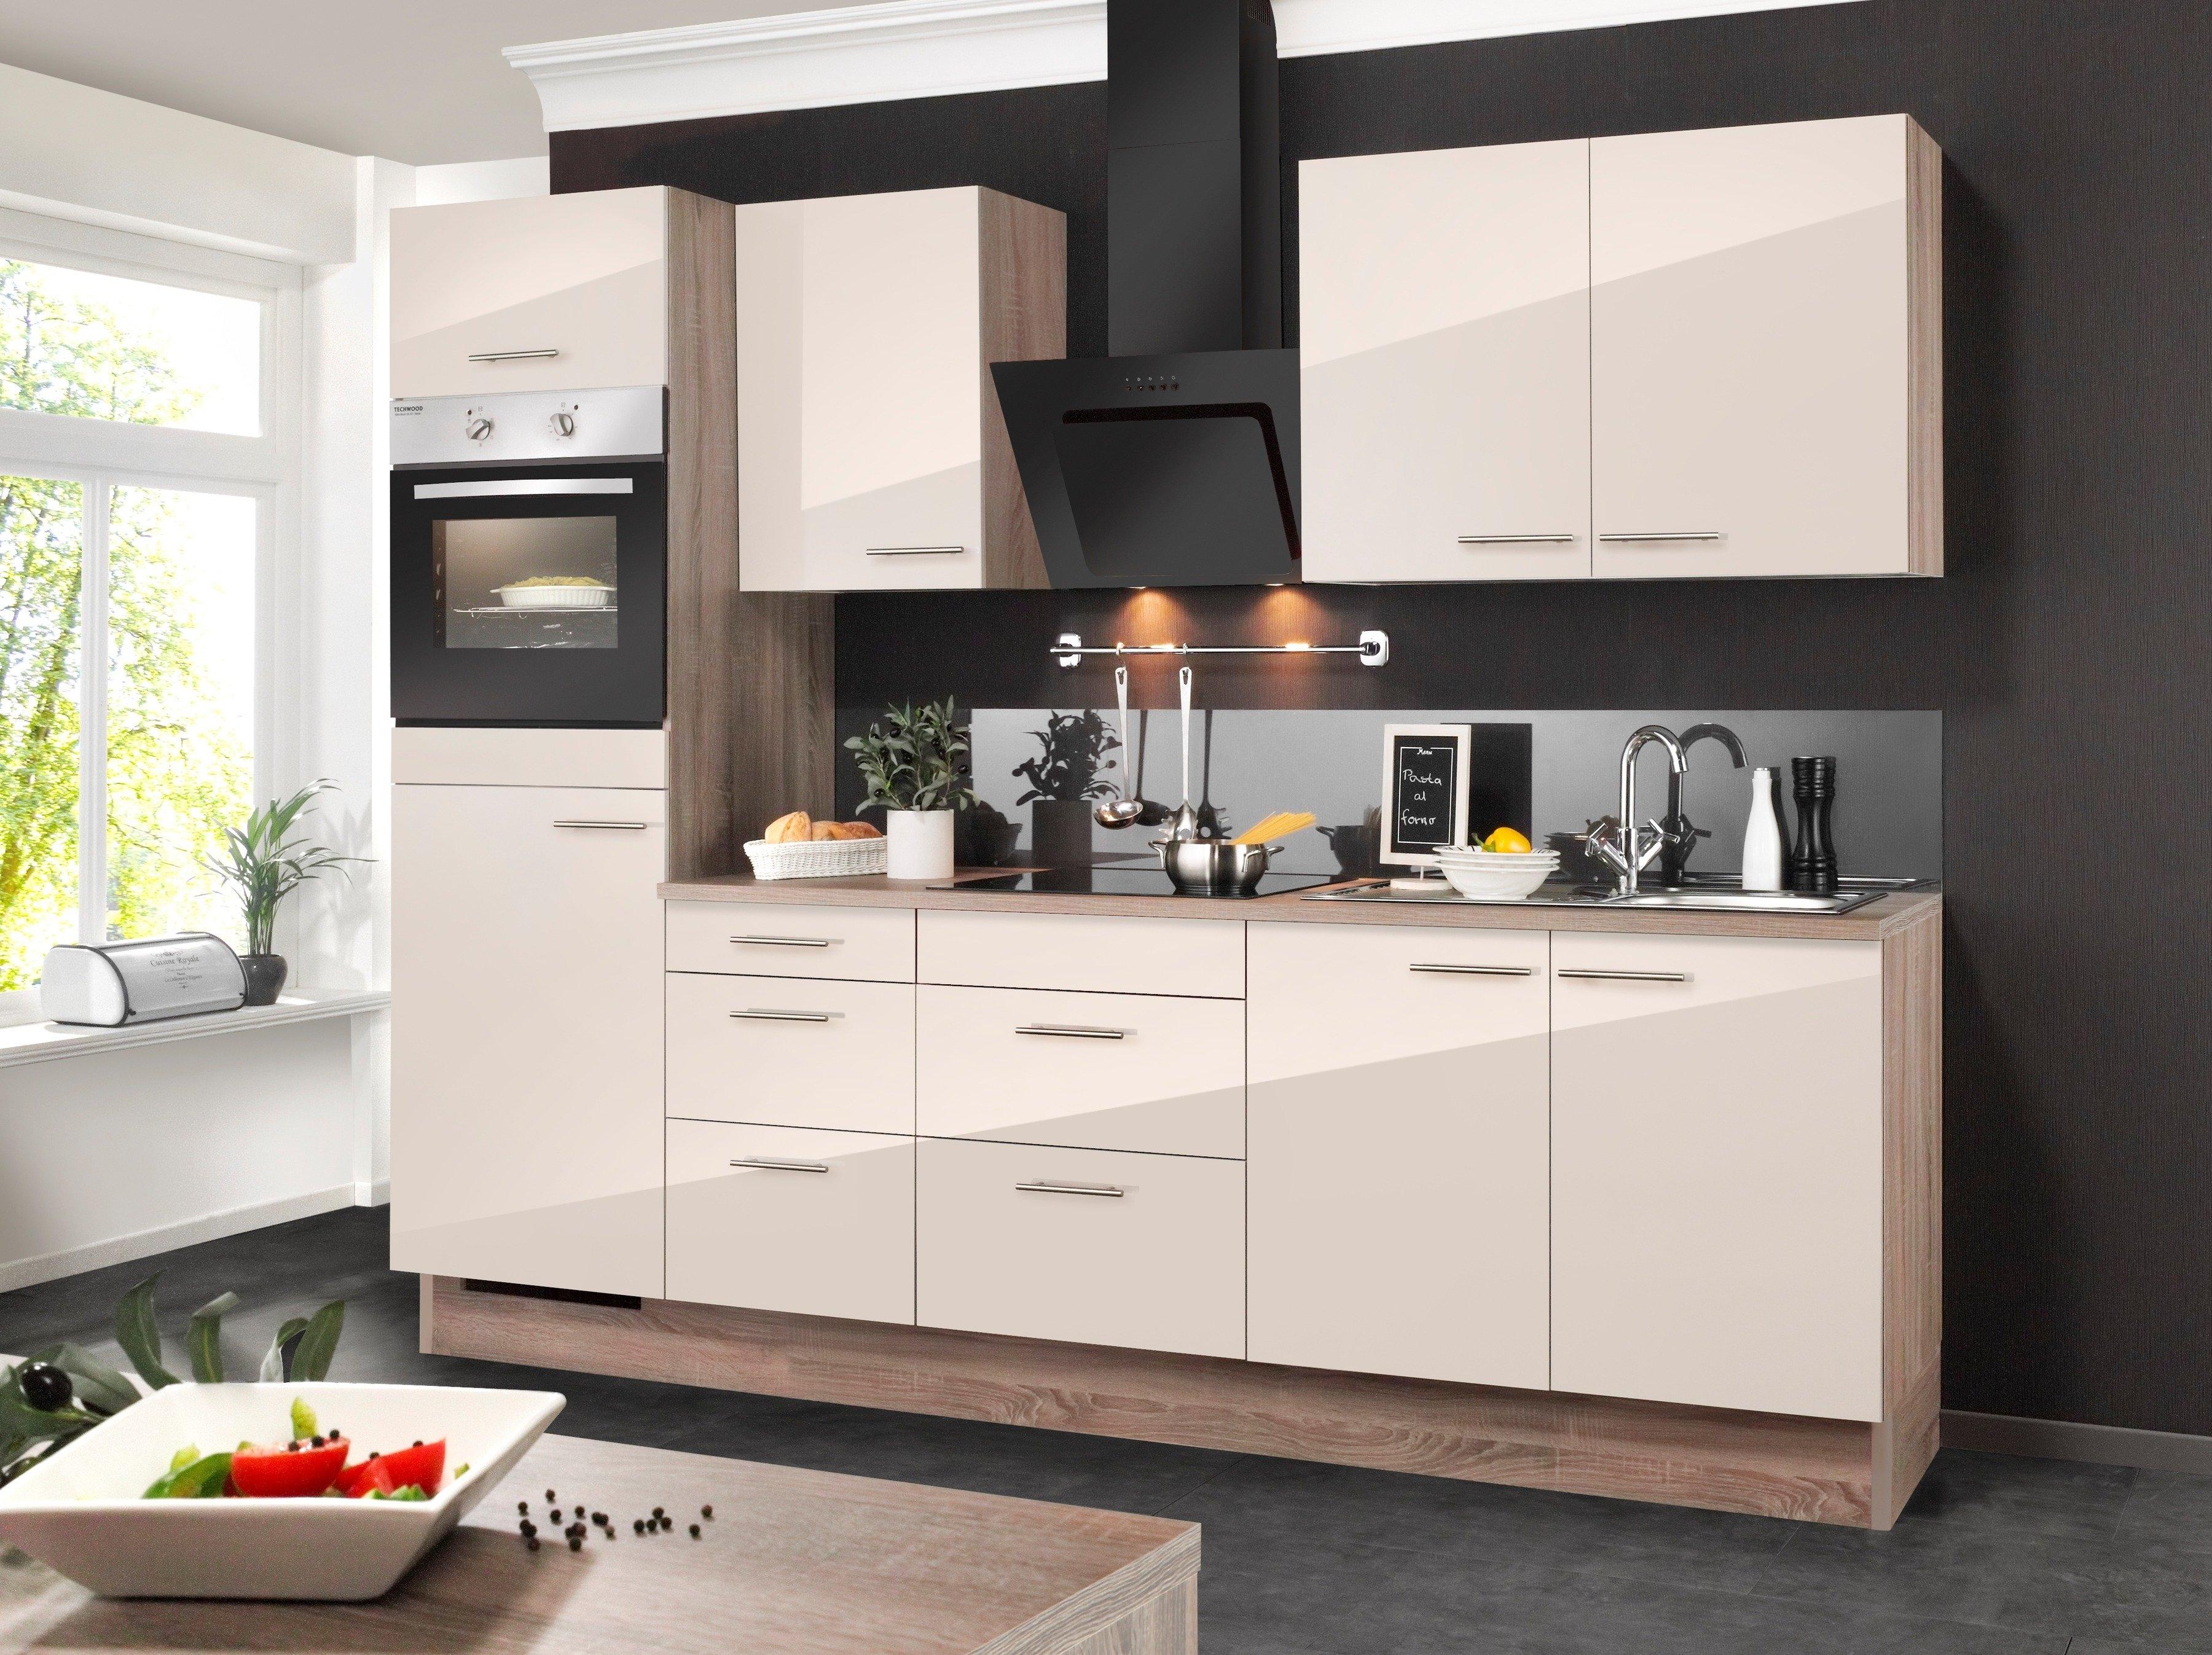 270 cm gnstig cool top ergebnis schlafsofa cm luxus schlafsofa breit cool schlafsofa breit with. Black Bedroom Furniture Sets. Home Design Ideas